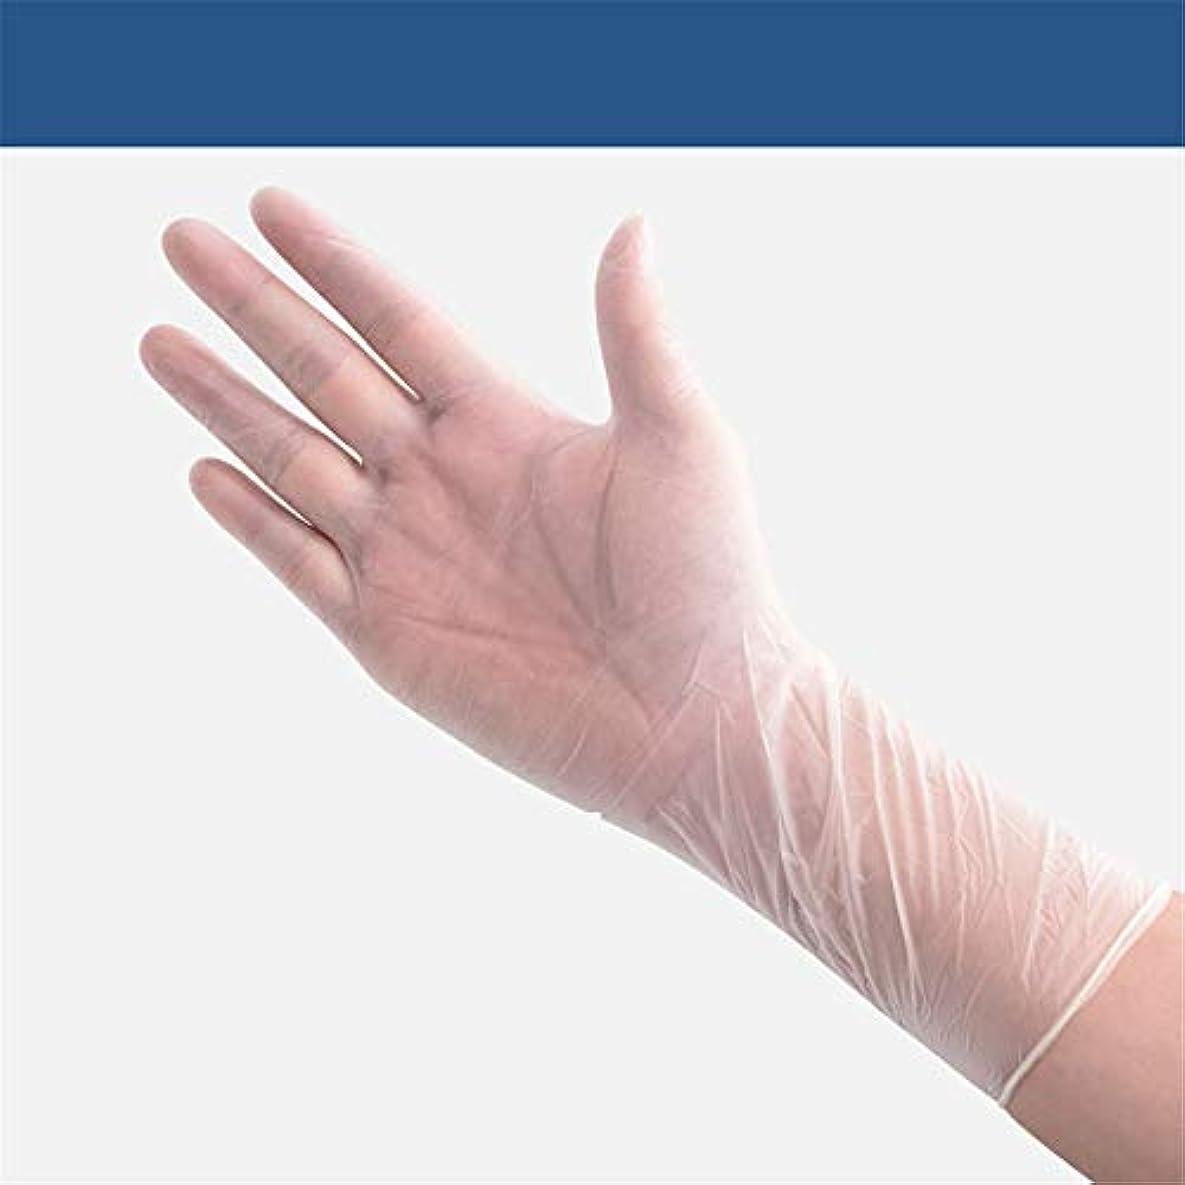 意図的動的乱すBTXXYJP キッチン用手袋 手袋 作業 食器洗い 炊事 掃除 園芸 洗車 防水 手袋 (100 Packs) (Color : Pvc 100pcs, Size : M)